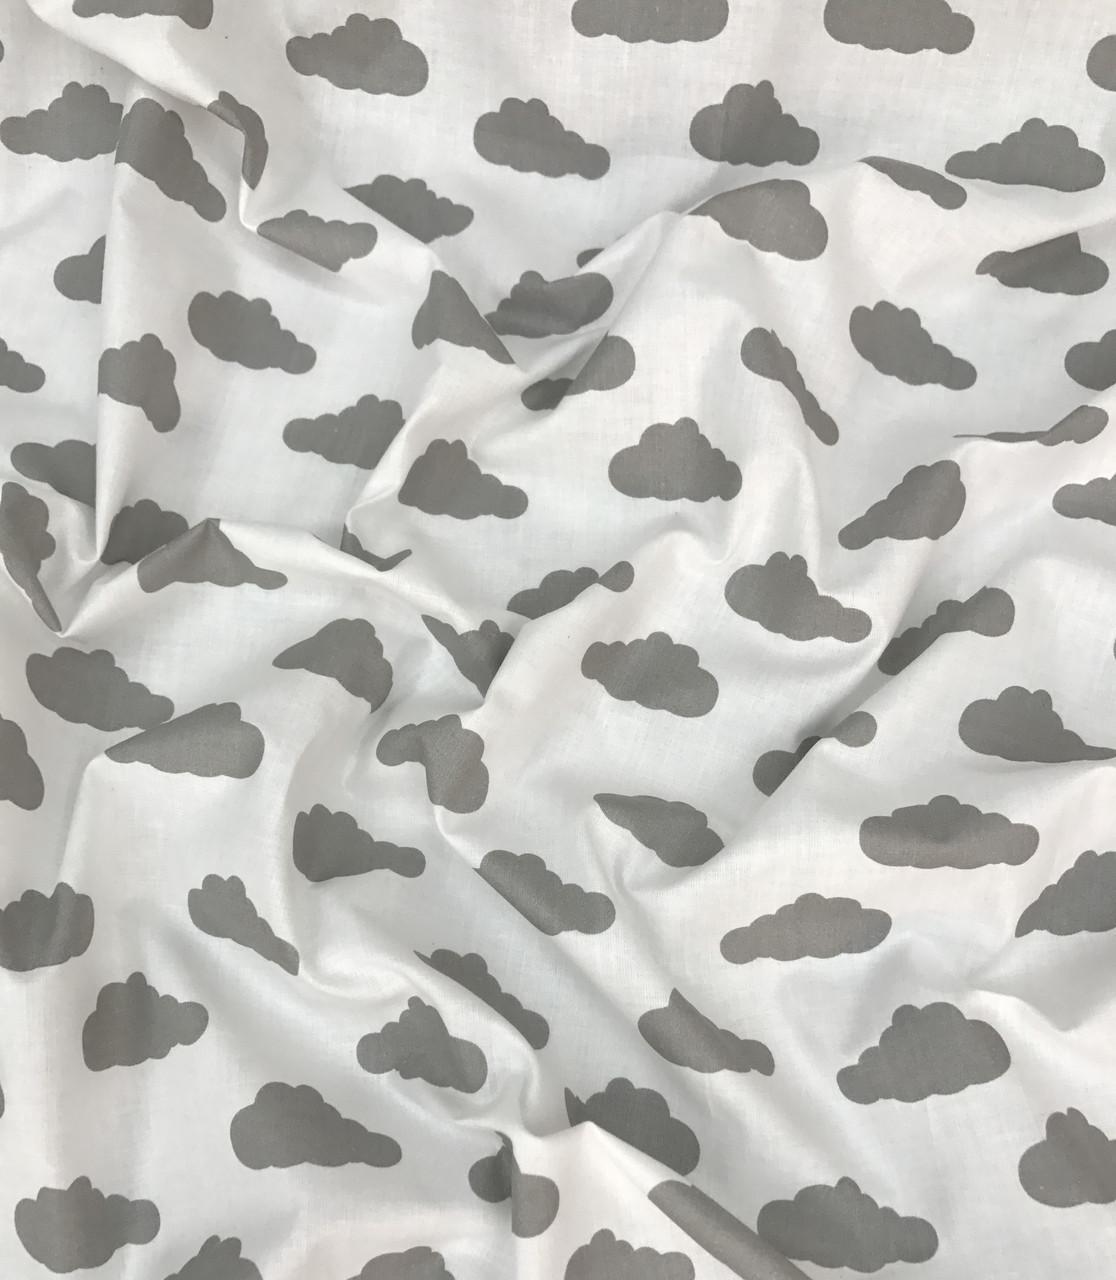 Хлопковая ткань польская шлифованная облака серые на белом №487